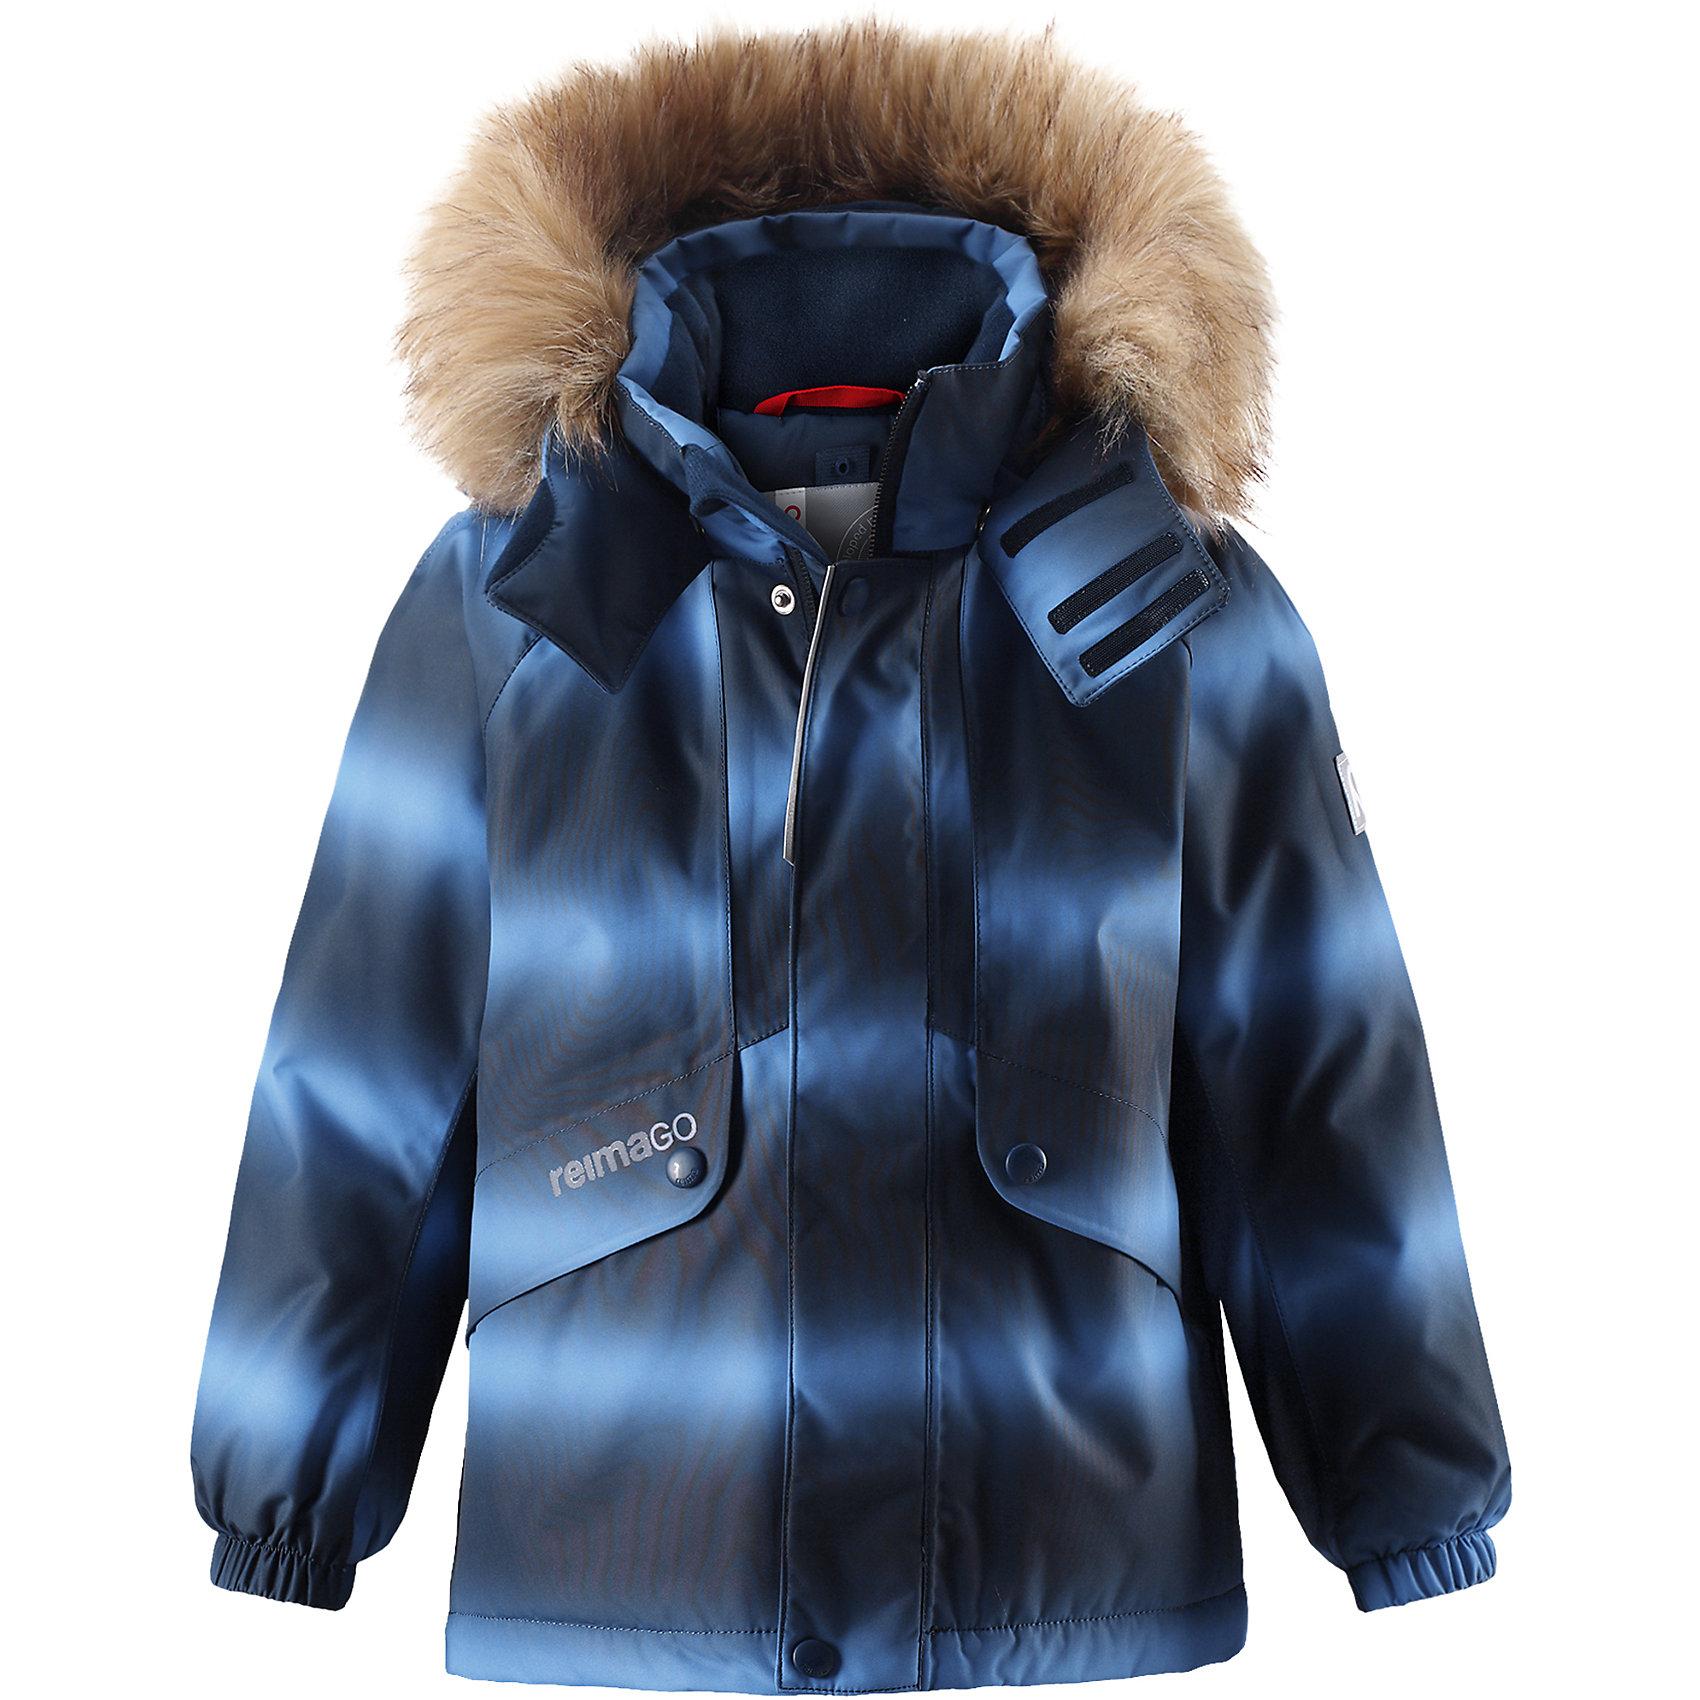 Куртка Reimatec® Reima FuruОдежда<br>Характеристики товара:<br><br>• цвет: синий;<br>• состав: 100% полиэстер;<br>• подкладка: 100% полиэстер;<br>• утеплитель: 160 г/м2<br>• температурный режим: от 0 до -20С;<br>• сезон: зима; <br>• водонепроницаемость: 15000 мм;<br>• воздухопроницаемость: 7000 мм;<br>• износостойкость: 40000 циклов (тест Мартиндейла);<br>• водо- и ветронепроницаемый, дышащий и грязеотталкивающий материал;<br>• все швы проклеены и водонепроницаемы;<br>• гладкая подкладка из полиэстера;<br>• эластичные манжеты;<br>• застежка: молния с защитой подбородка;<br>• безопасный съемный и регулируемый капюшон на кнопках;<br>• съемный искусственный мех на капюшоне;<br>• регулируемый подол;<br>• два кармана на кнопках;<br>• внутренний нагрудный карман;<br>• карман с креплением для сенсора ReimaGO®;<br>• светоотражающие детали;<br>• страна бренда: Финляндия;<br>• страна изготовитель: Китай.<br><br>Детская непромокаемая зимняя куртка Reimatec® изготовлена из водо и ветронепроницаемого, дышащего и прочного материала с высокими грязеотталкивающими свойствами. Все швы проклеены, водонепроницаемы. В этой модели прямого покроя подол при необходимости легко регулируется, что позволяет подогнать куртку точно по фигуре. Она снабжена съемным и регулируемым капюшоном со съемной отделкой из искусственного меха.<br><br>С помощью удобной системы кнопок Play Layers® к этой куртке можно присоединять одежду промежуточного слоя Reima®, которая подарит вашему ребенку дополнительное тепло и комфорт. В куртке предусмотрены два кармана на молнии, внутренний нагрудный карман, карман для сенсора ReimaGO® и множество светоотражающих деталей. Эта куртка очень проста в уходе, кроме того, ее можно сушить в стиральной машине.<br><br>Куртку Furu Reimatec® Reima от финского бренда Reima (Рейма) можно купить в нашем интернет-магазине<br><br>Ширина мм: 356<br>Глубина мм: 10<br>Высота мм: 245<br>Вес г: 519<br>Цвет: синий<br>Возраст от месяцев: 36<br>Возраст до месяцев: 48<br>Пол: Унисекс<br>Возр